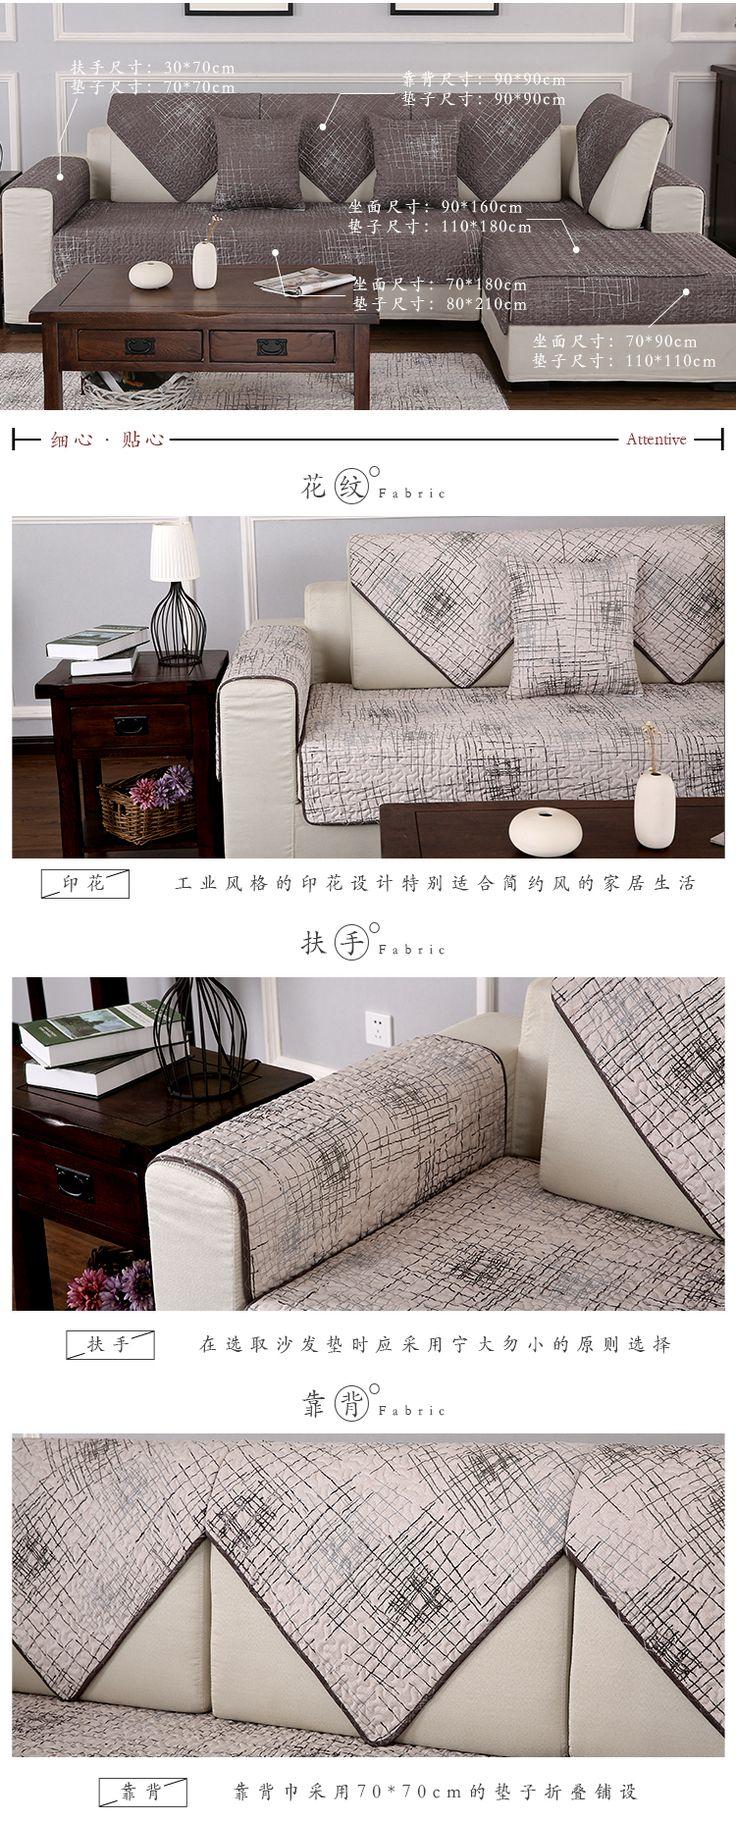 Диван крышка ткань саржевого хлопка американский ветер промышленности Four Seasons Современная гостиная дивана подушки скольжения полотенце хлопка - глобальная станция Taobao